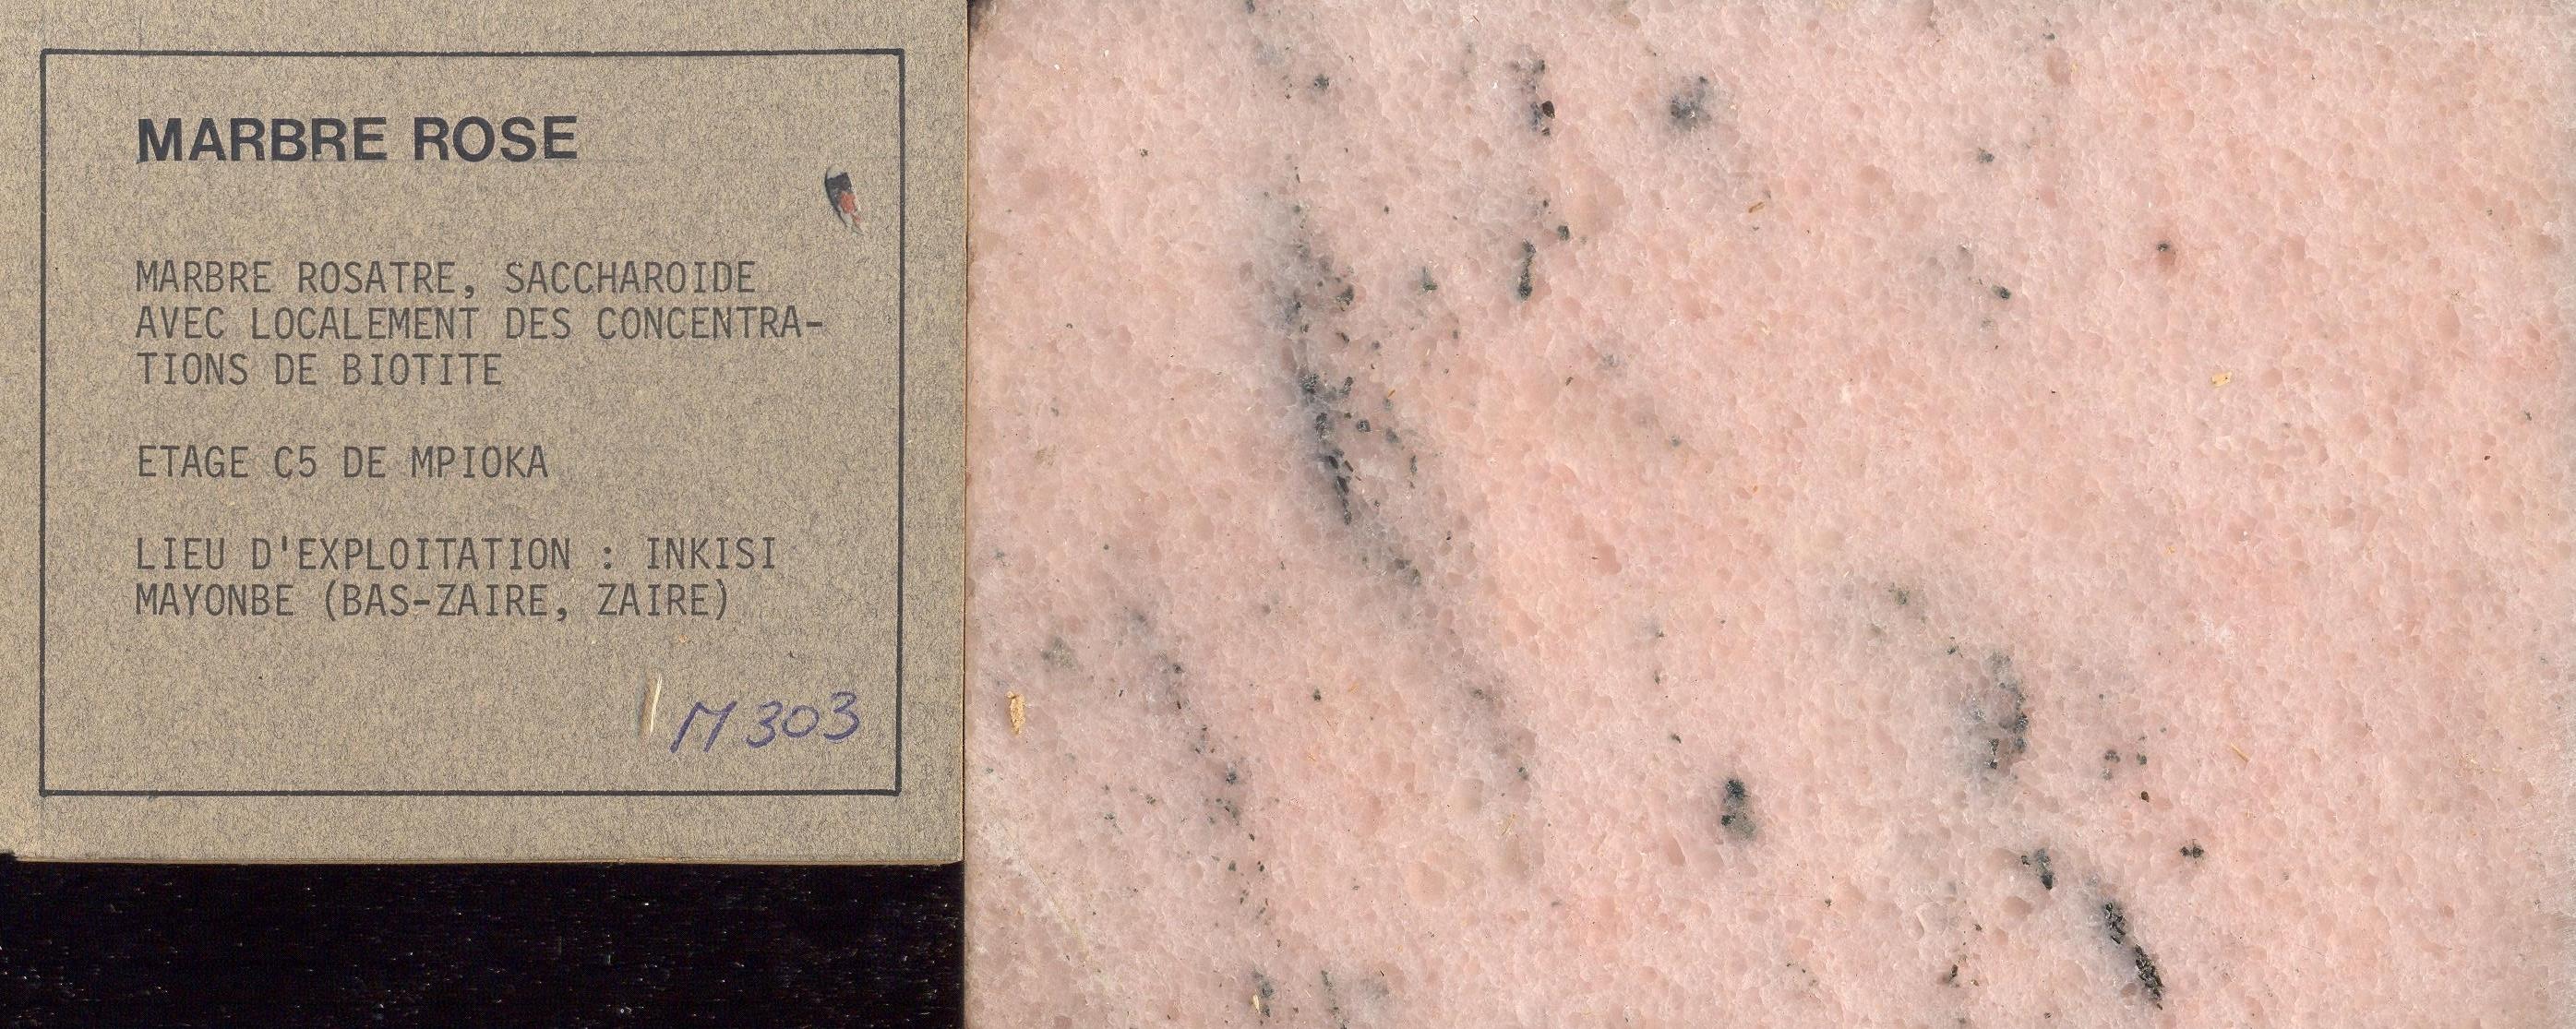 Marbre Rose M303